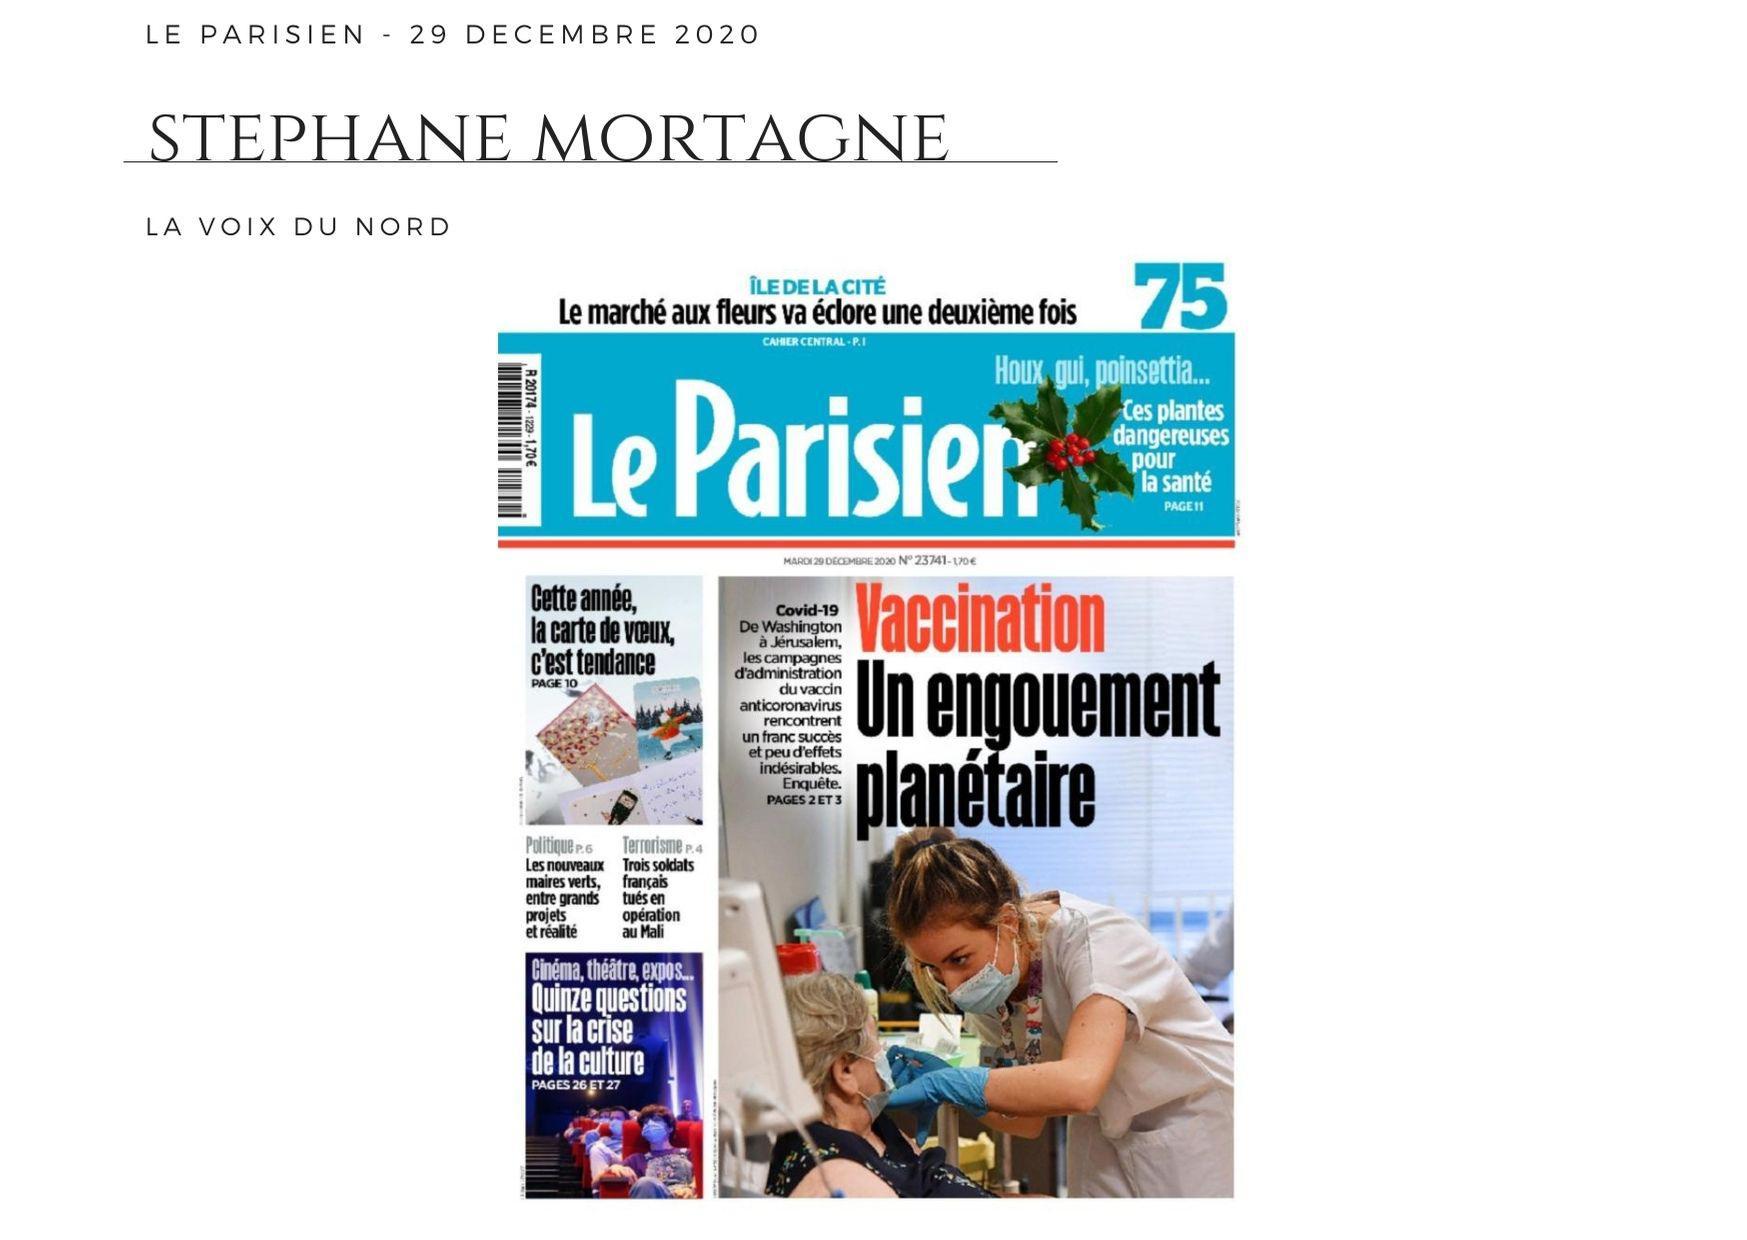 Le Parisien - 29 décembre 2020